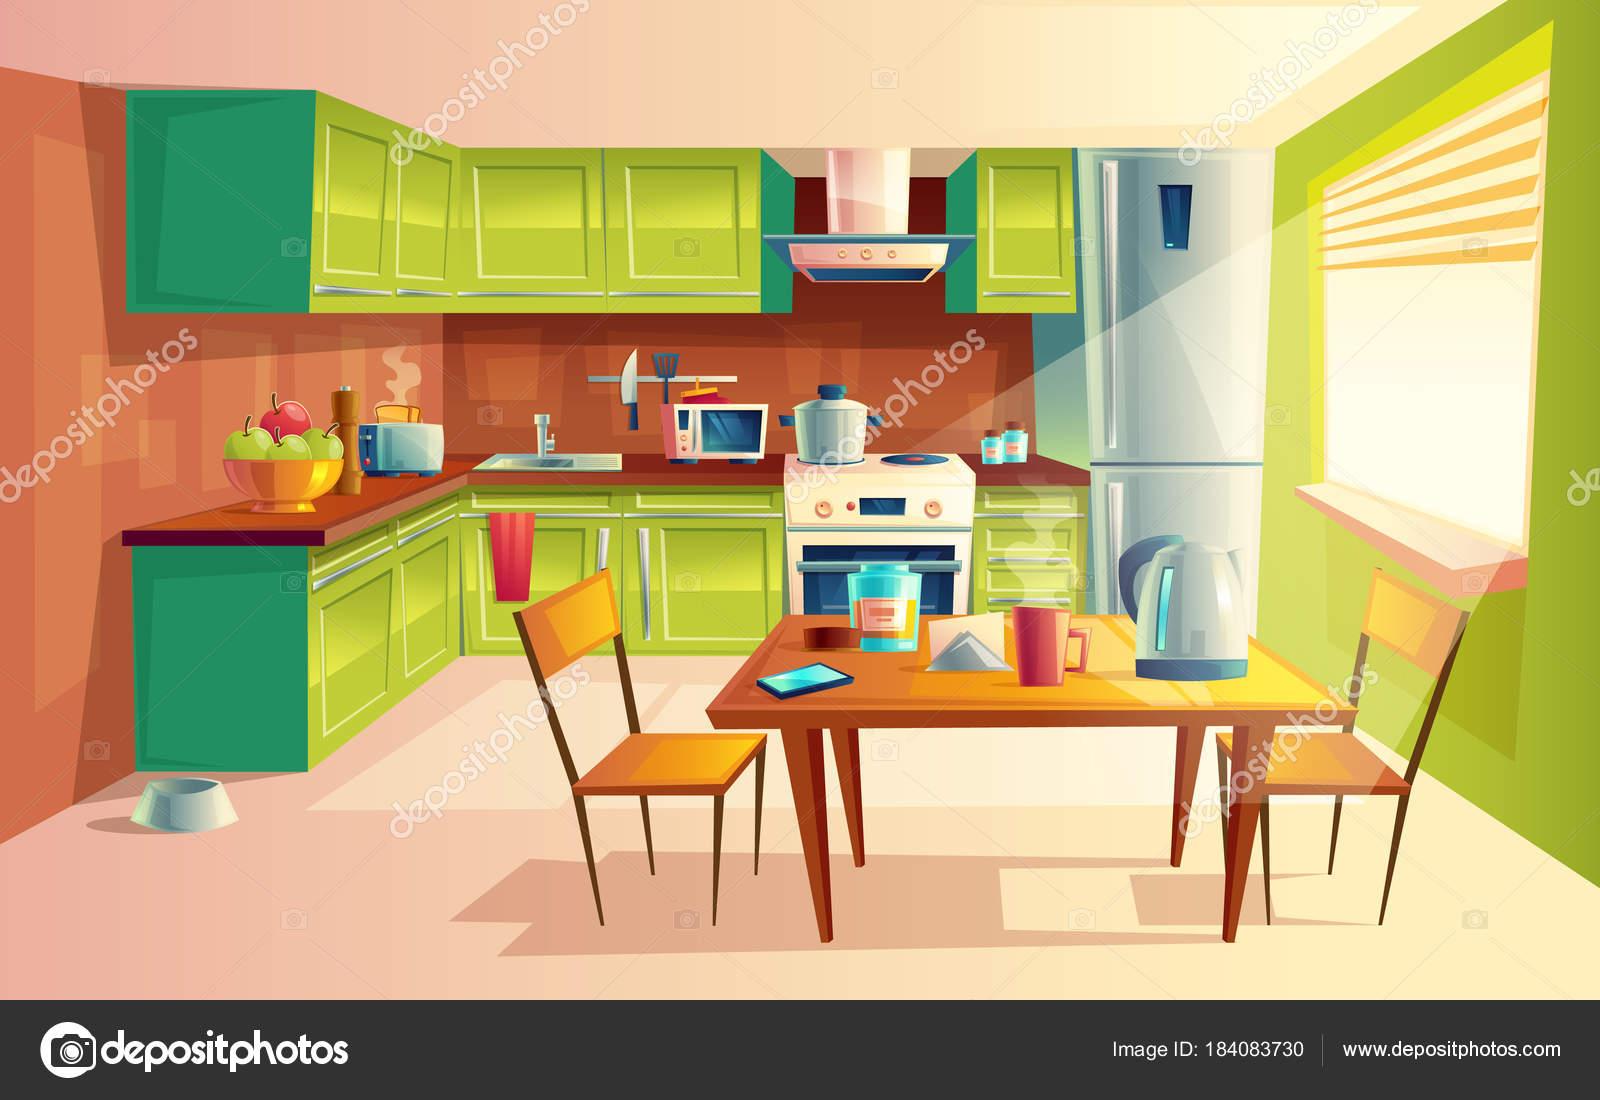 Ilustraci n de dibujos animados vector de interior de cocina archivo im genes vectoriales - Dibujos de cocina ...